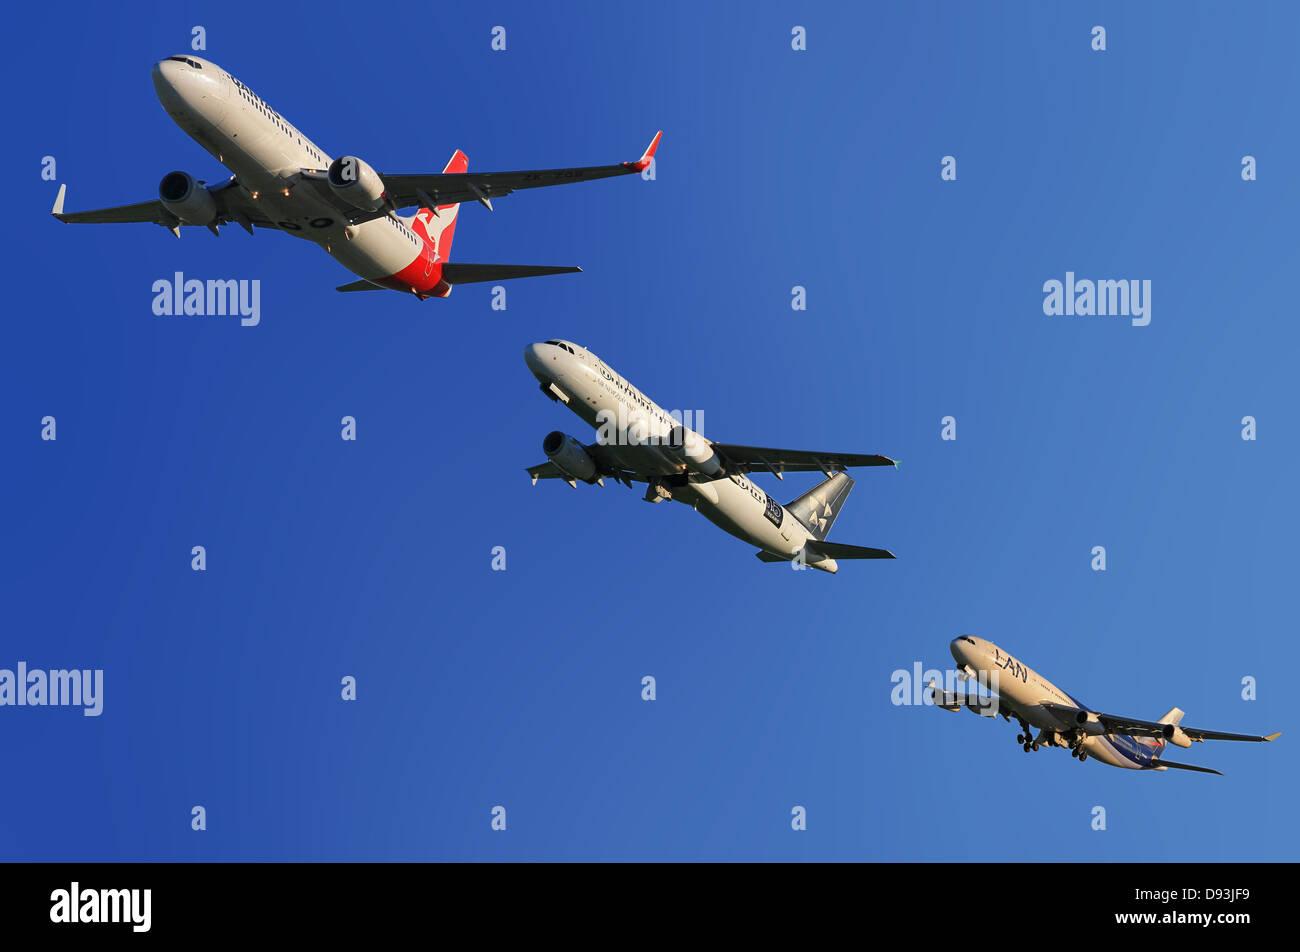 aircraft qantas air new zealand lan chile - Stock Image